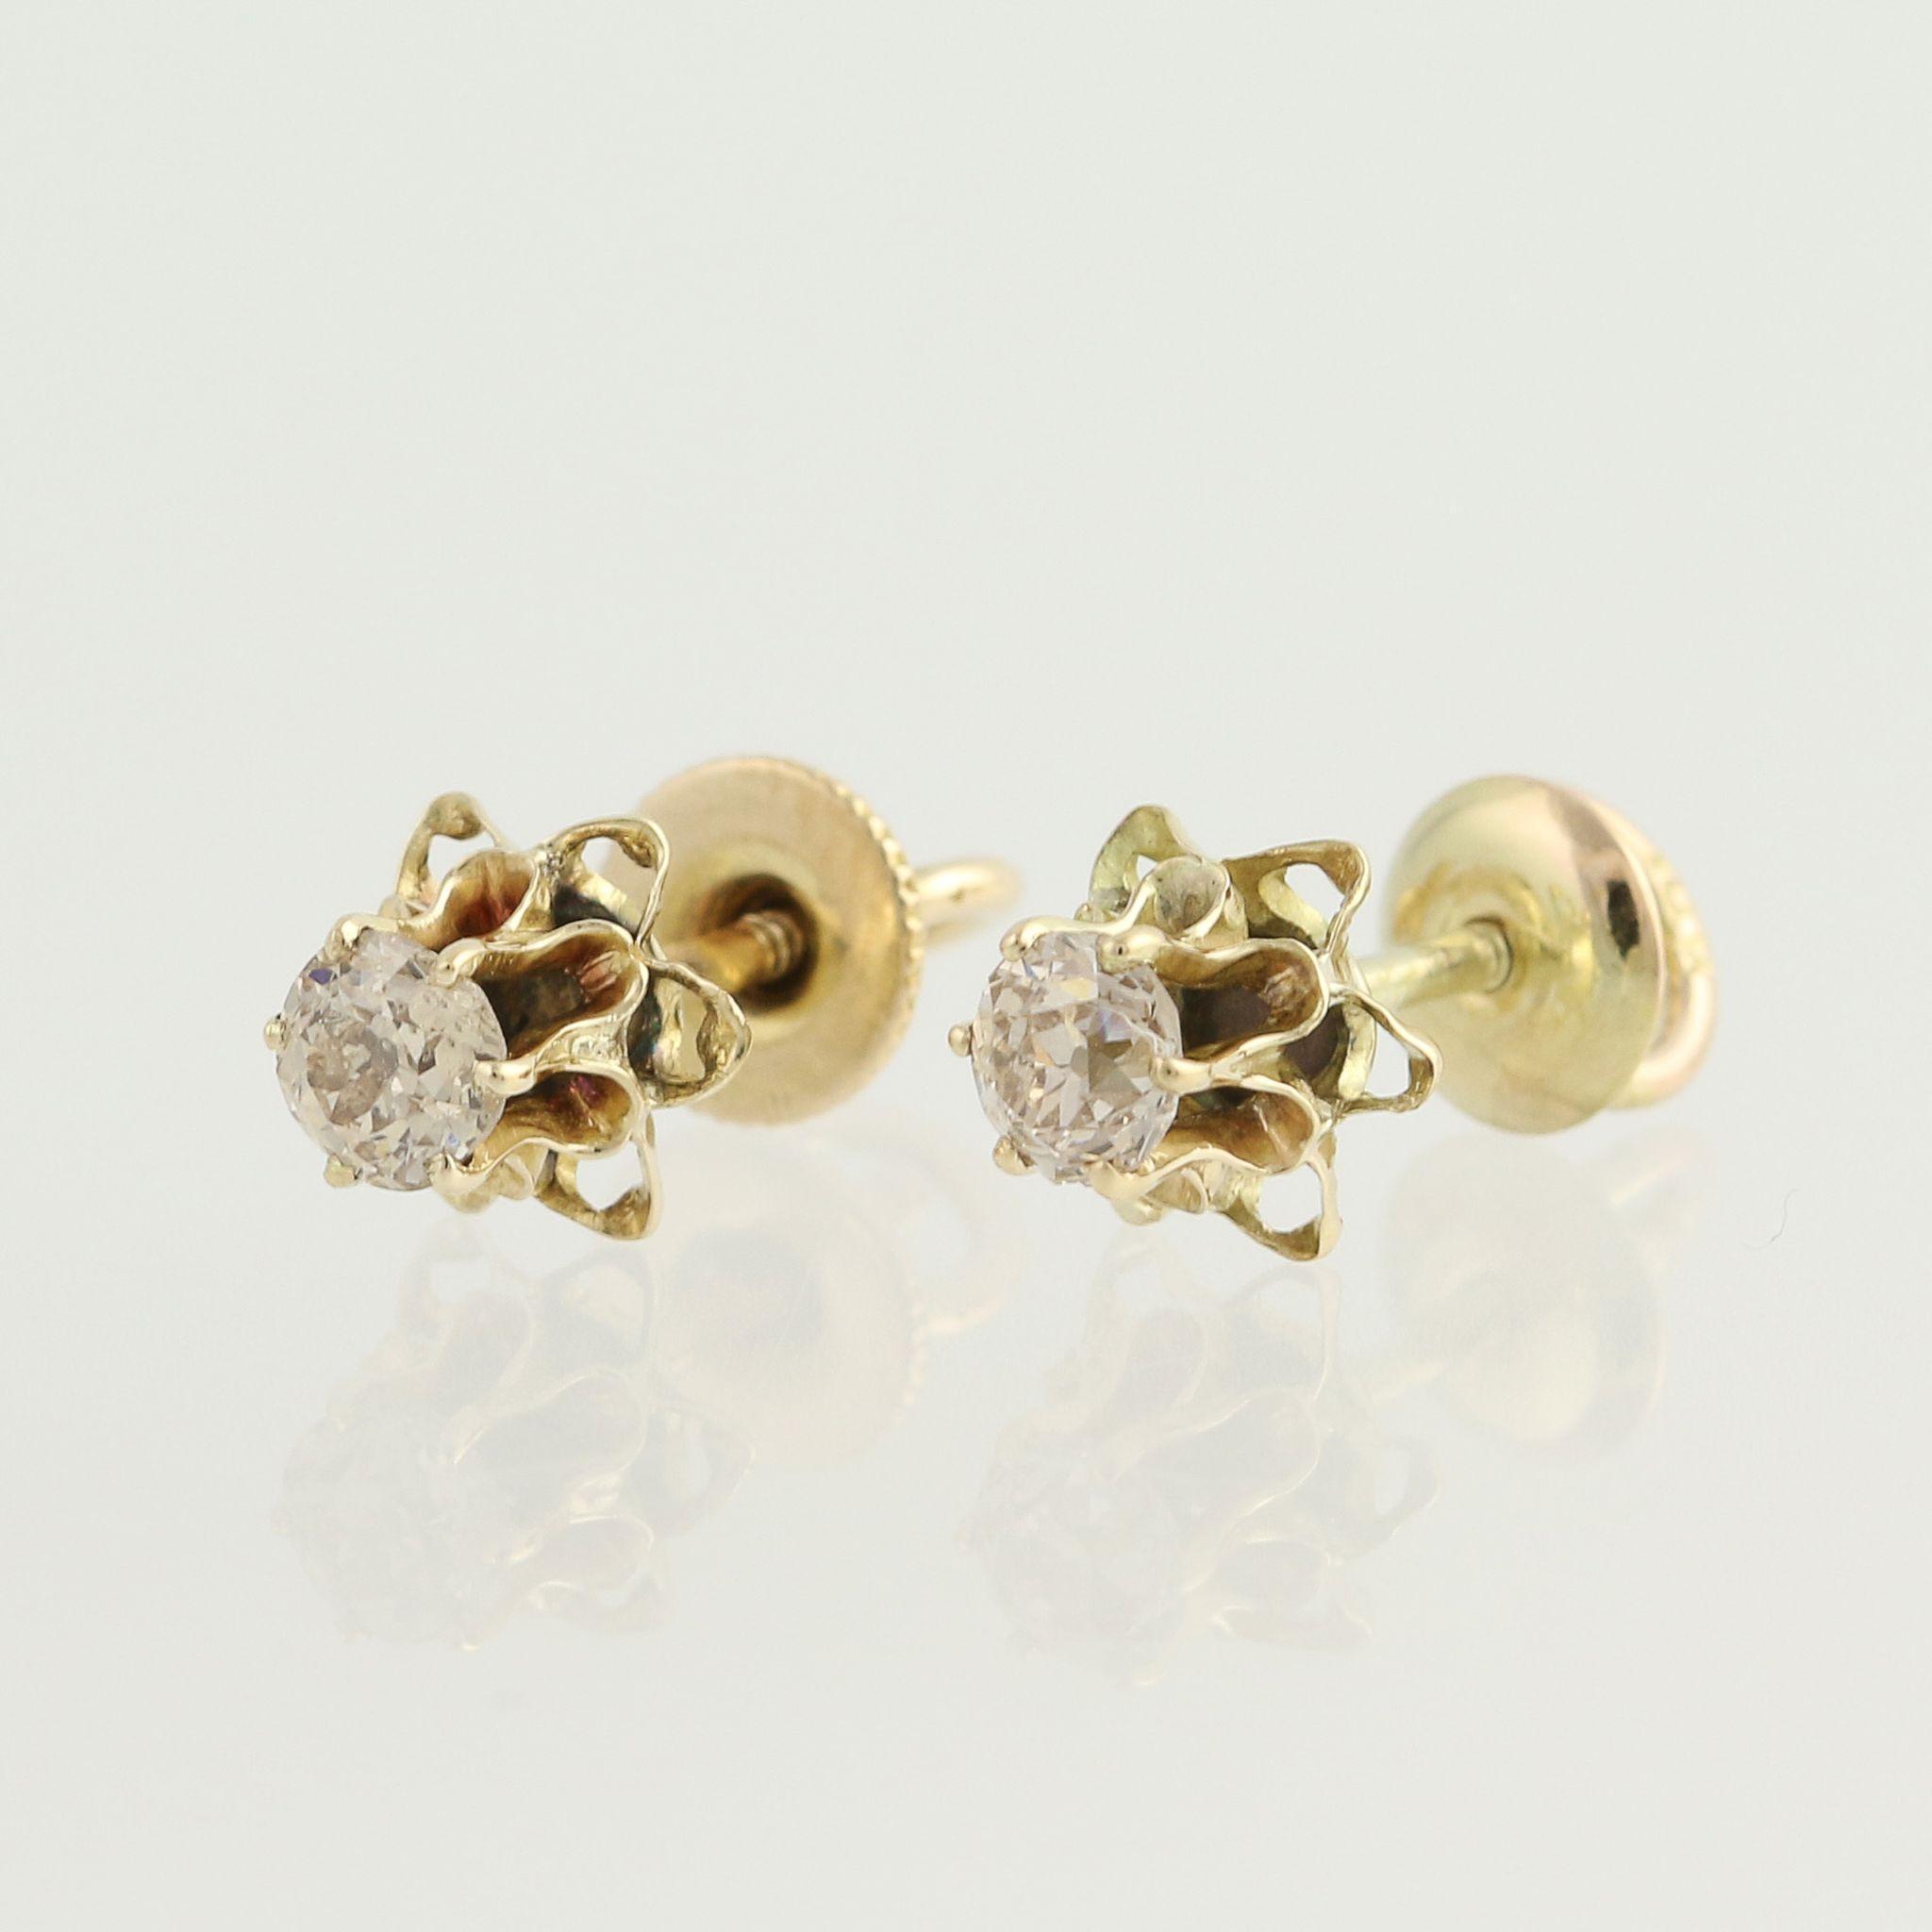 Edwardian Diamond Stud Earrings 14k Yellow Gold Flower Settings